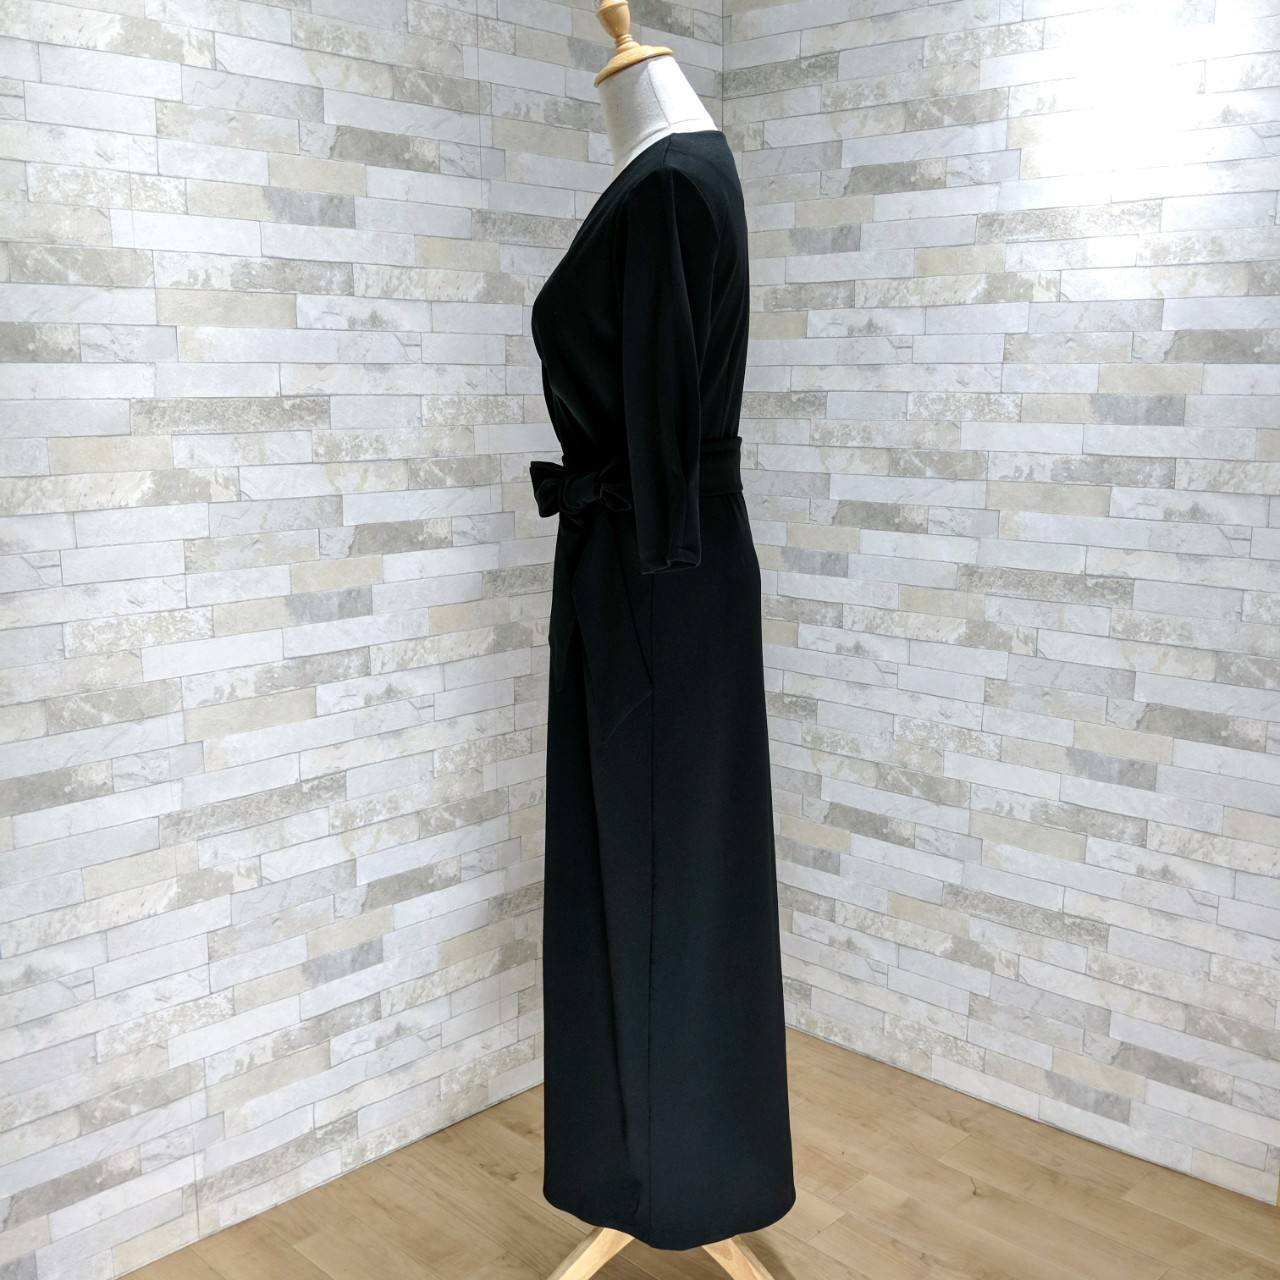 【即納】韓国 ファッション ワンピース パーティードレス ロング マキシ 秋 冬 パーティー ブライダル SPTXC523 結婚式 お呼ばれ ラップ ドレープ ウエストマーク 二次会 セレブ きれいめの写真13枚目